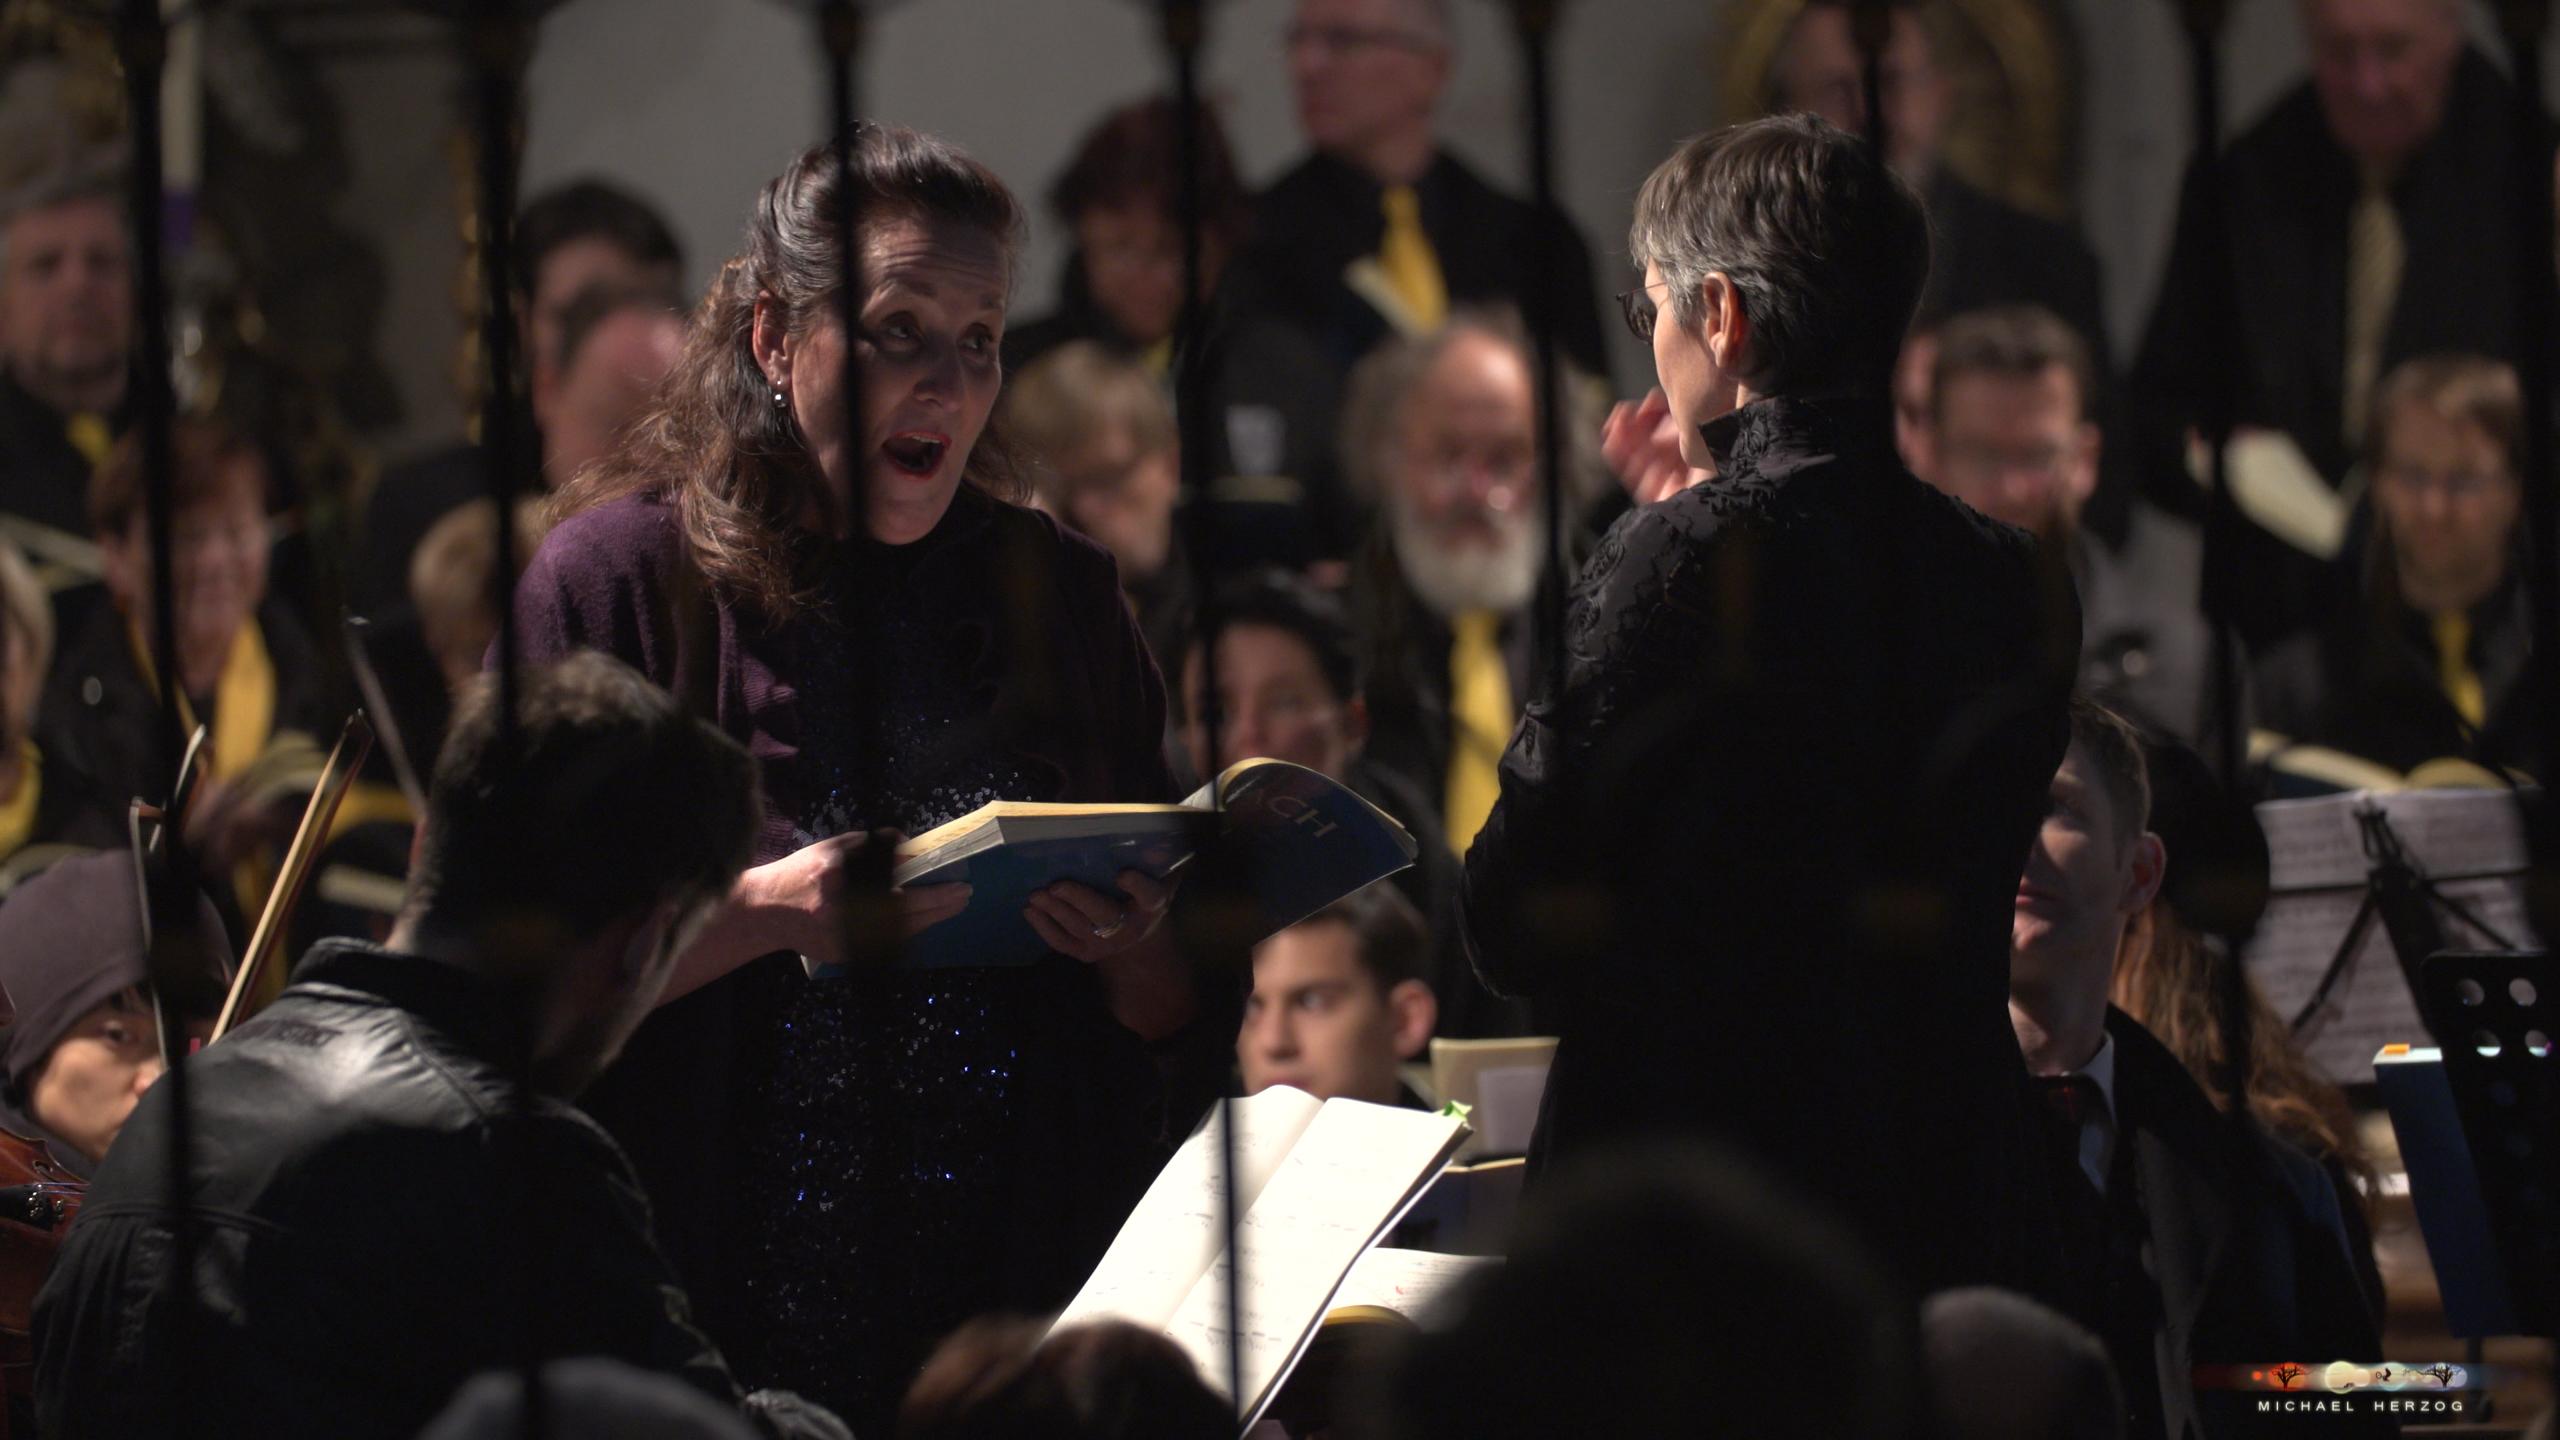 ArnsdorferSternstunden_Konzertabend1-mit-PhilharmonieSalzburg_Screenshot_MichaelHerzog-23-2.jpg